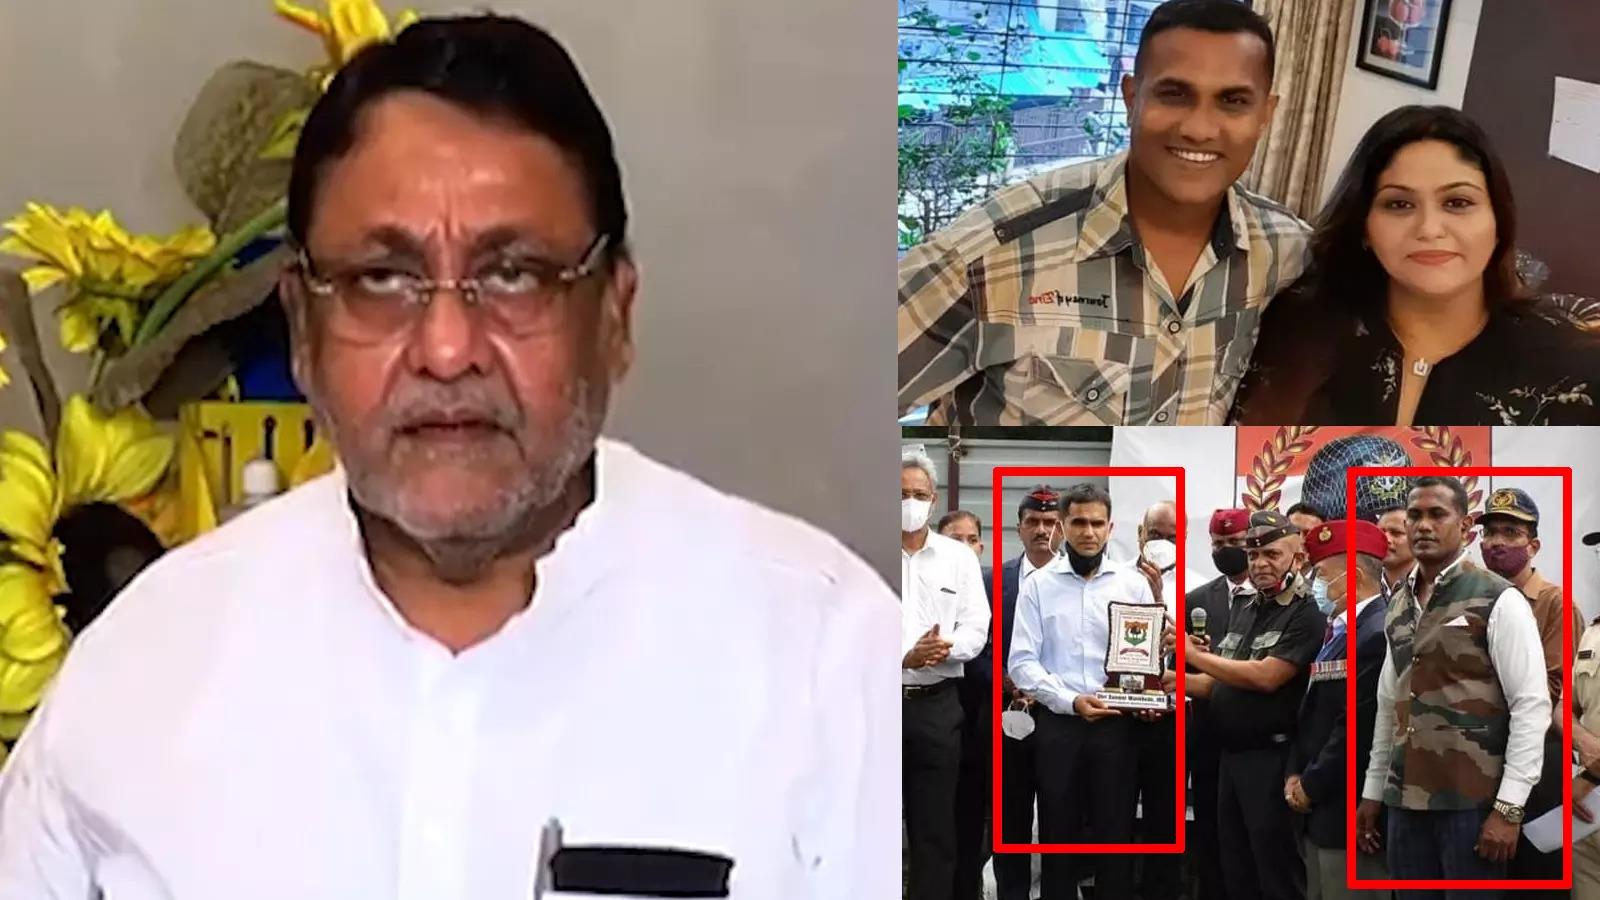 nawab-malik-slams-aryan-khan-case-investigator-accuses-ncbs-sameer-wankhede-of-picking-friend-as-witness-in-drug-case